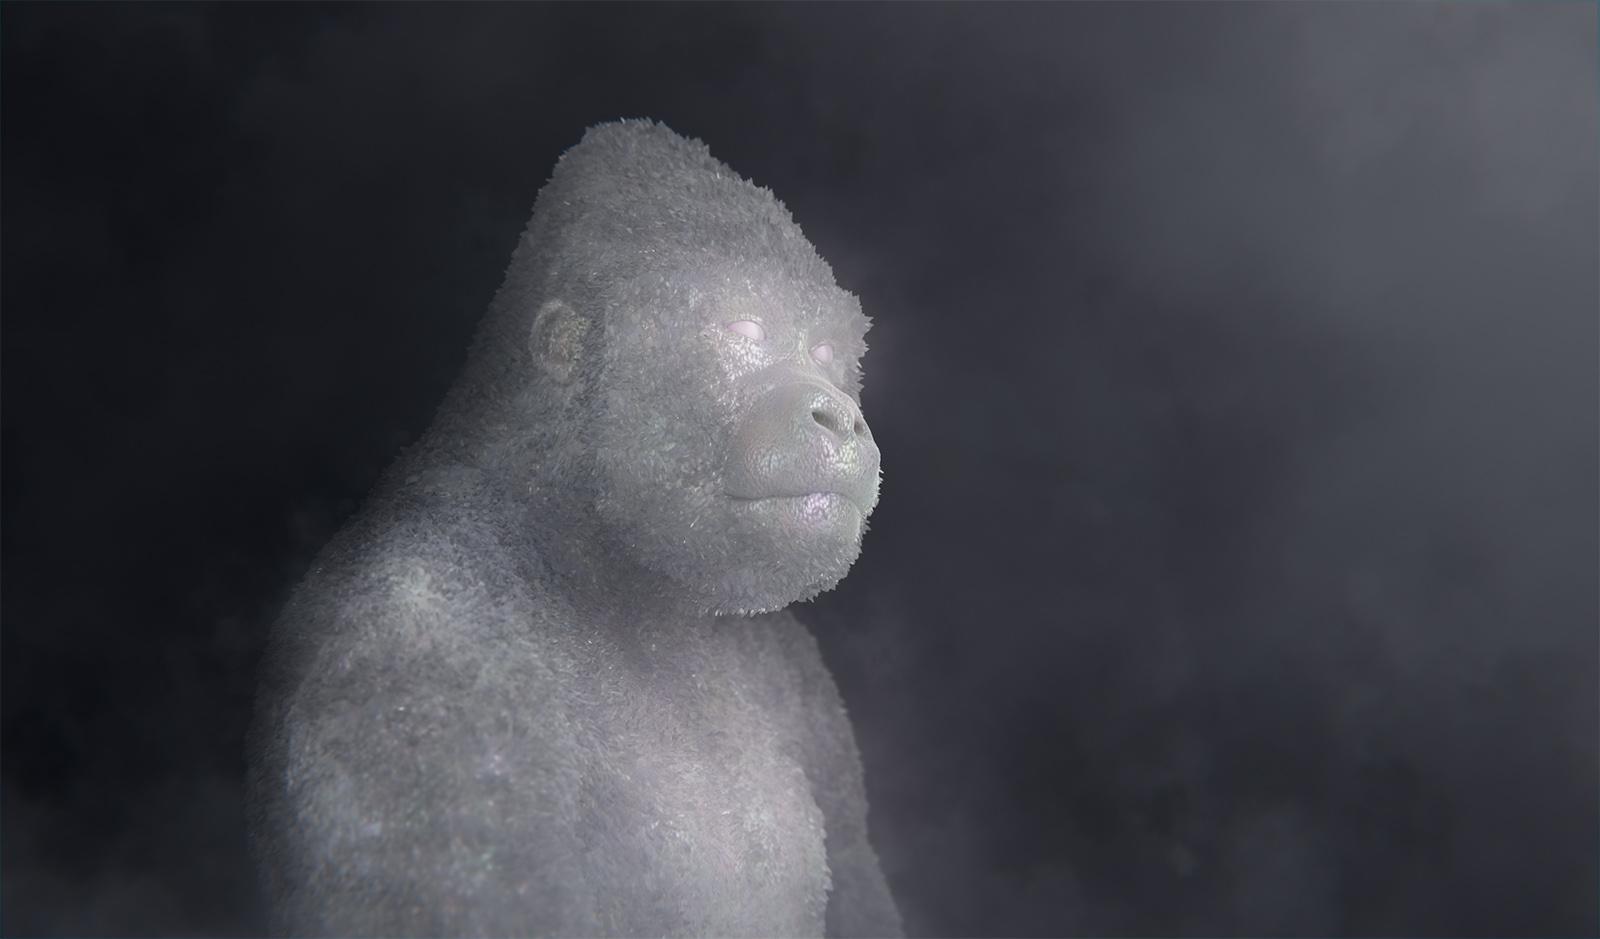 Crystal_Gorilla3_cdts